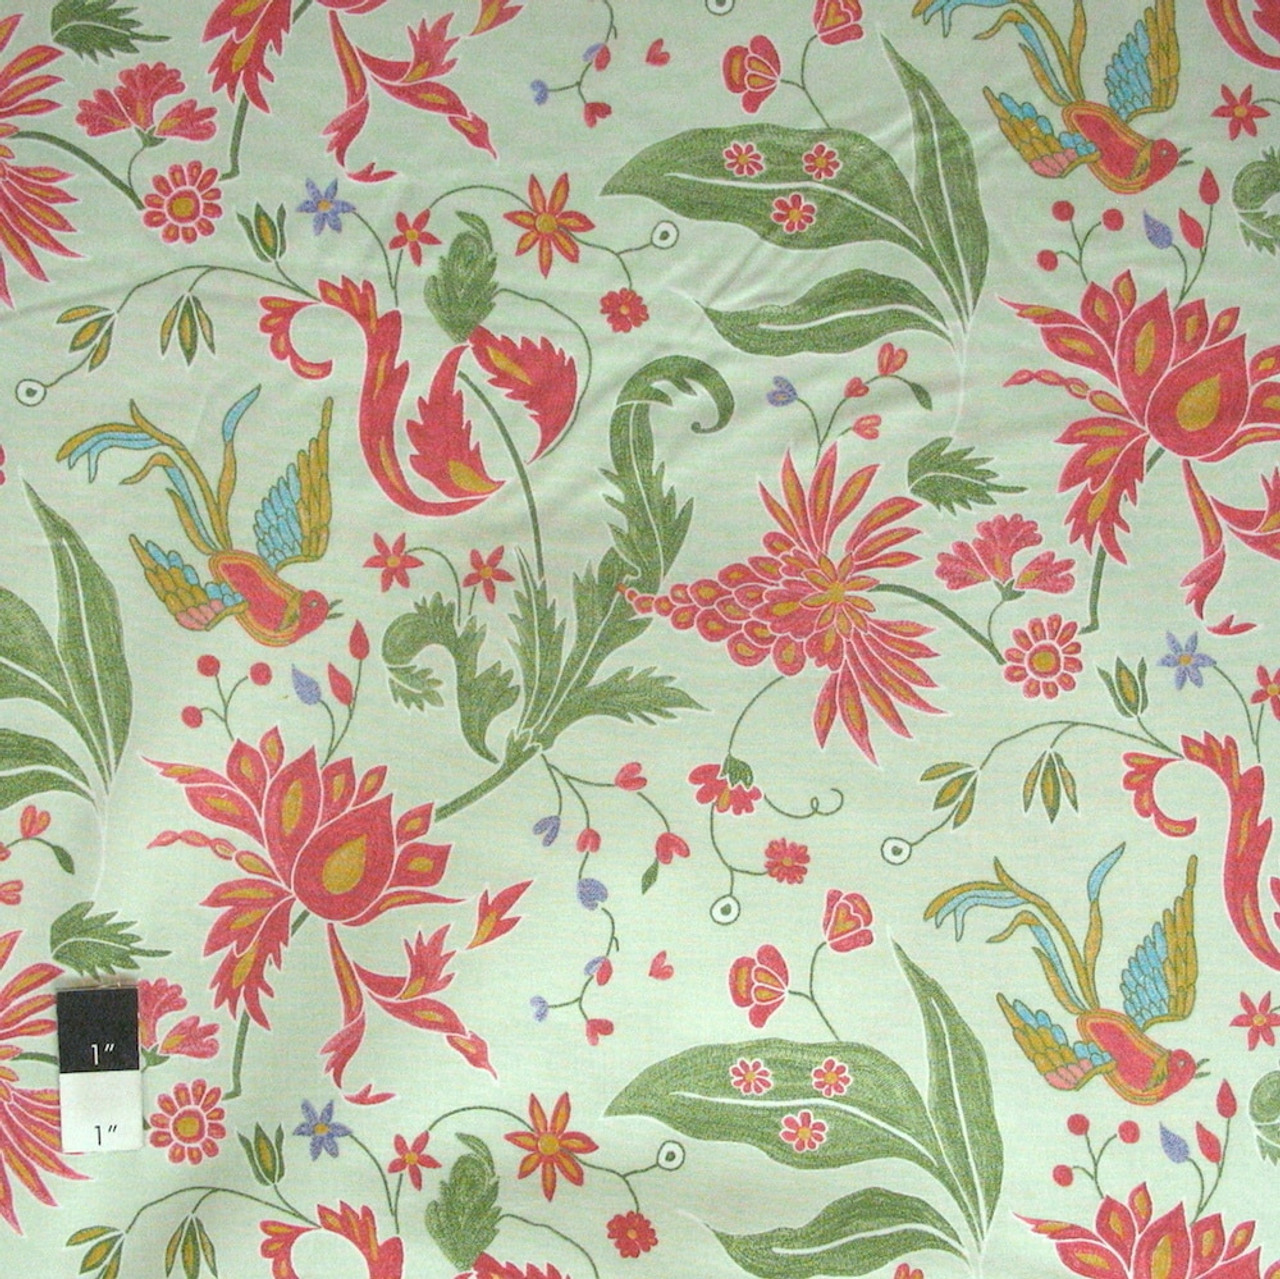 Victoria and Albert PWVA048 Bhandari Chambay Reena Cotton Fabric By The Yard